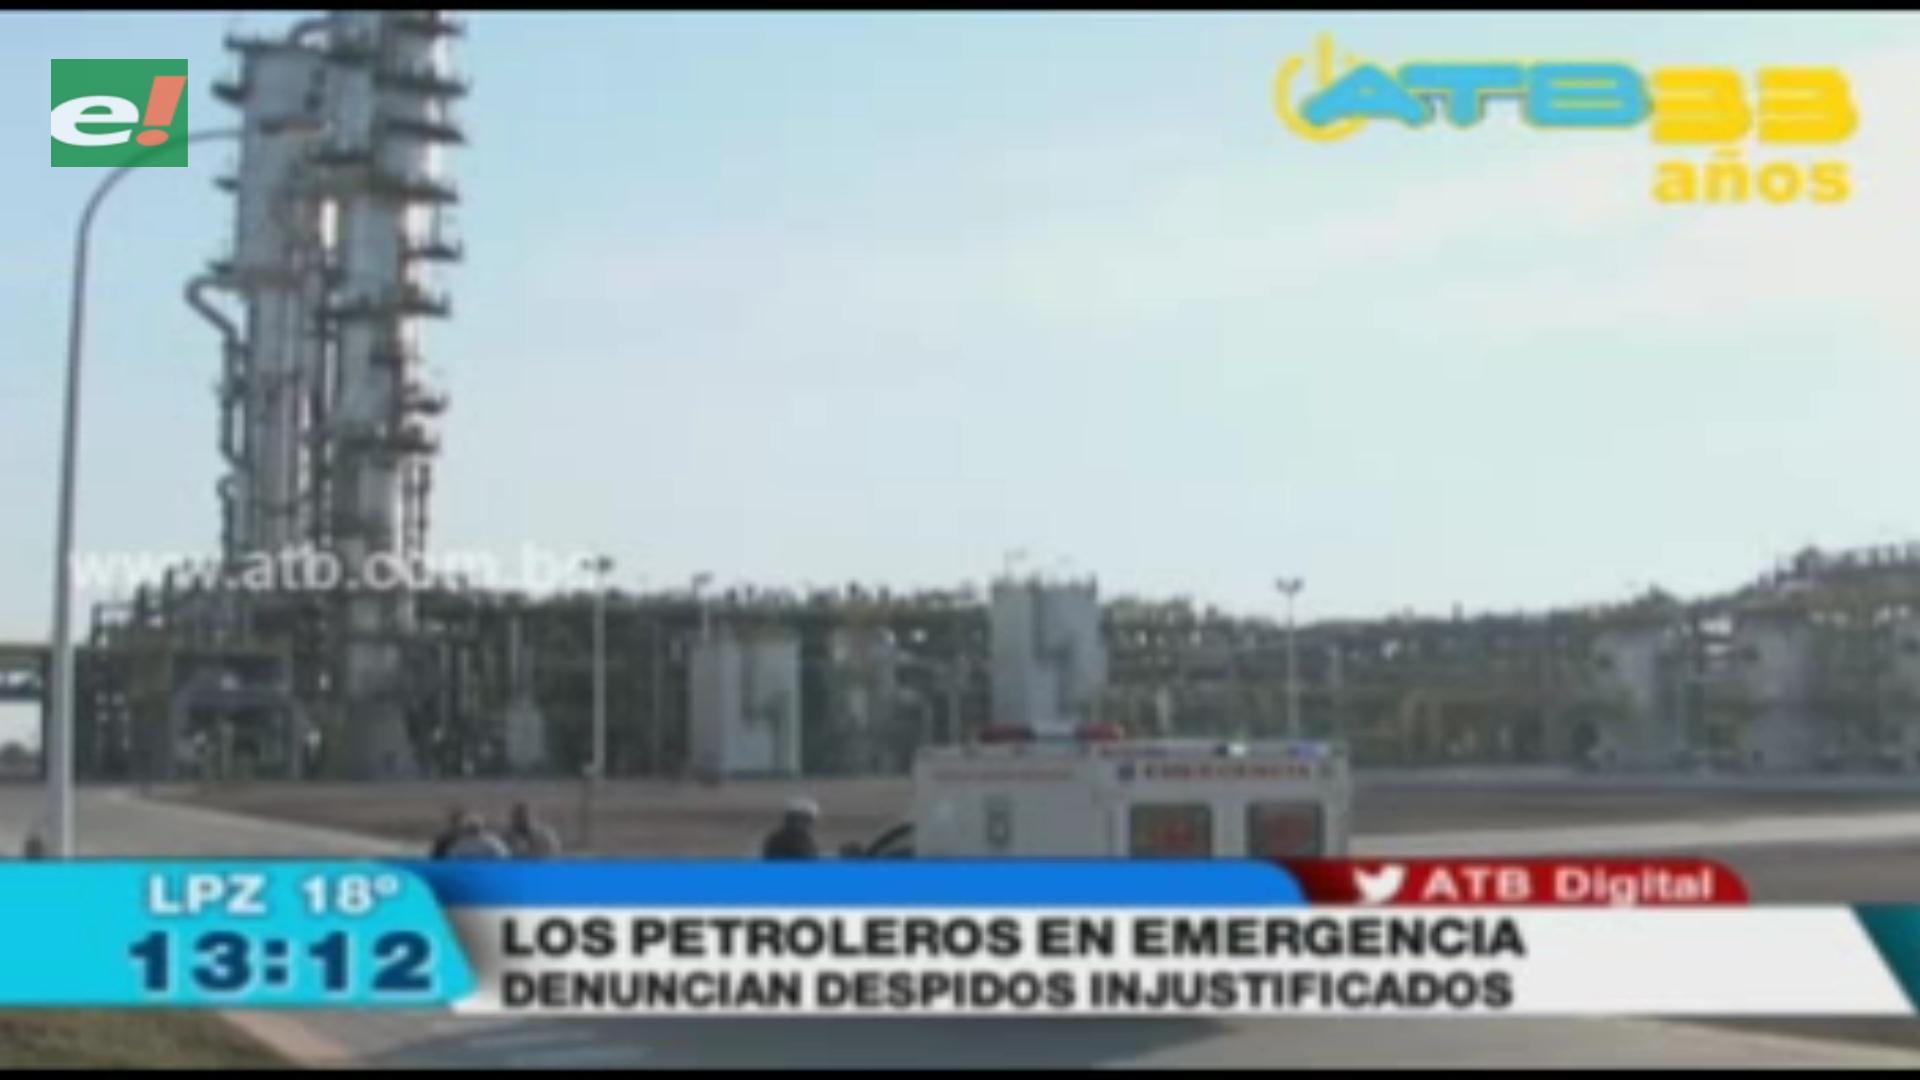 Trabajadores petroleros denuncian despidos injustificados